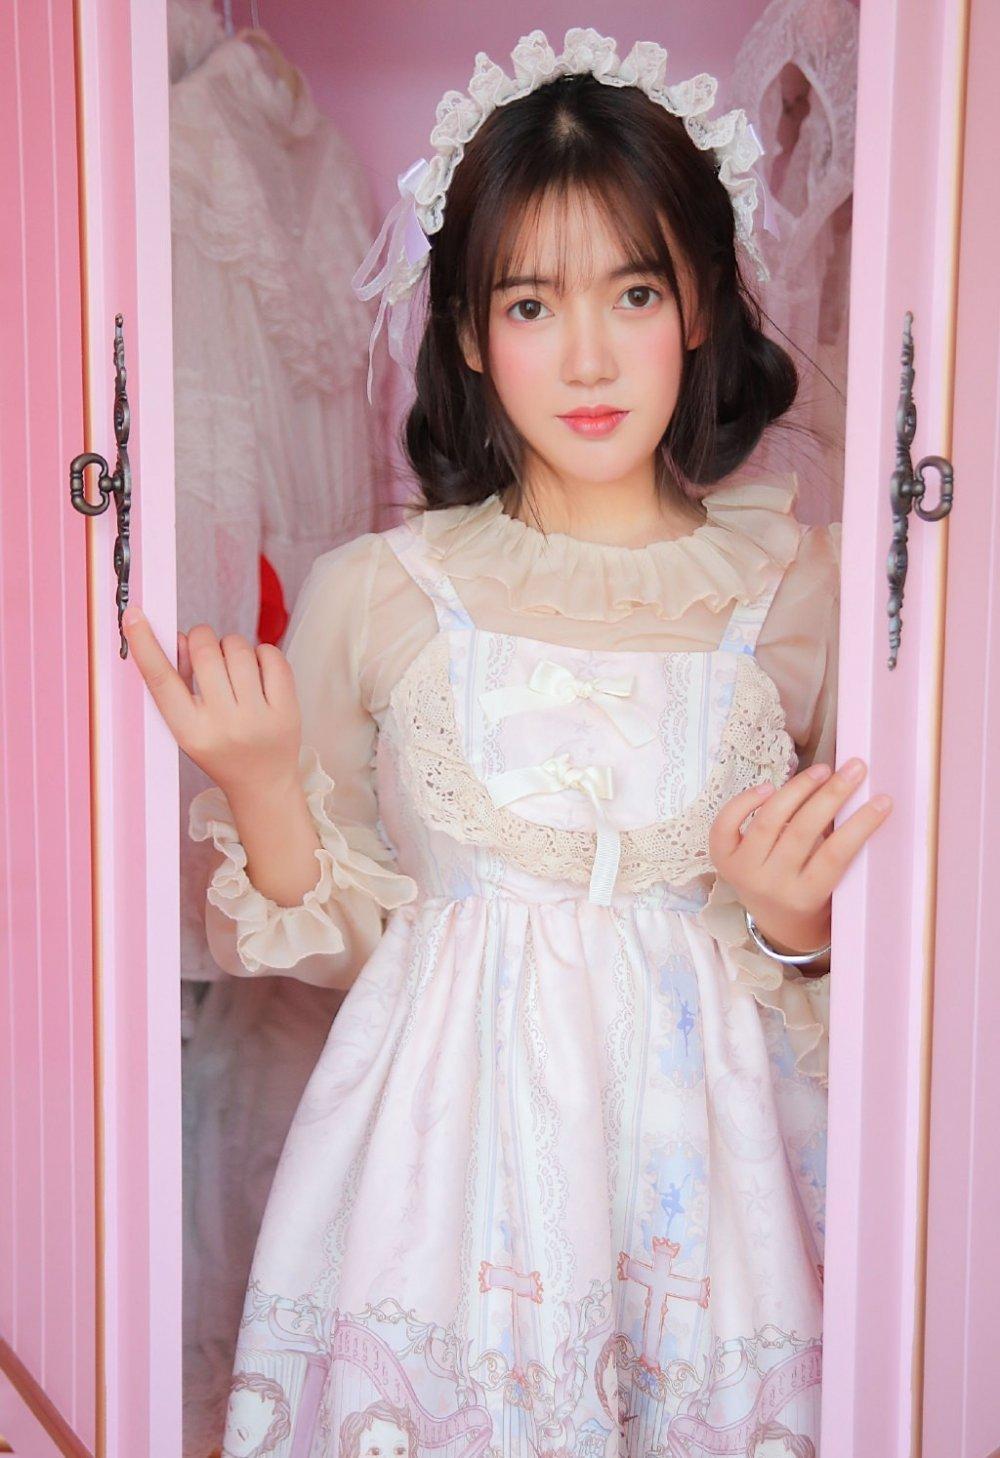 可爱公主系美女白色蕾丝长裙养眼清纯萌妹私房写真